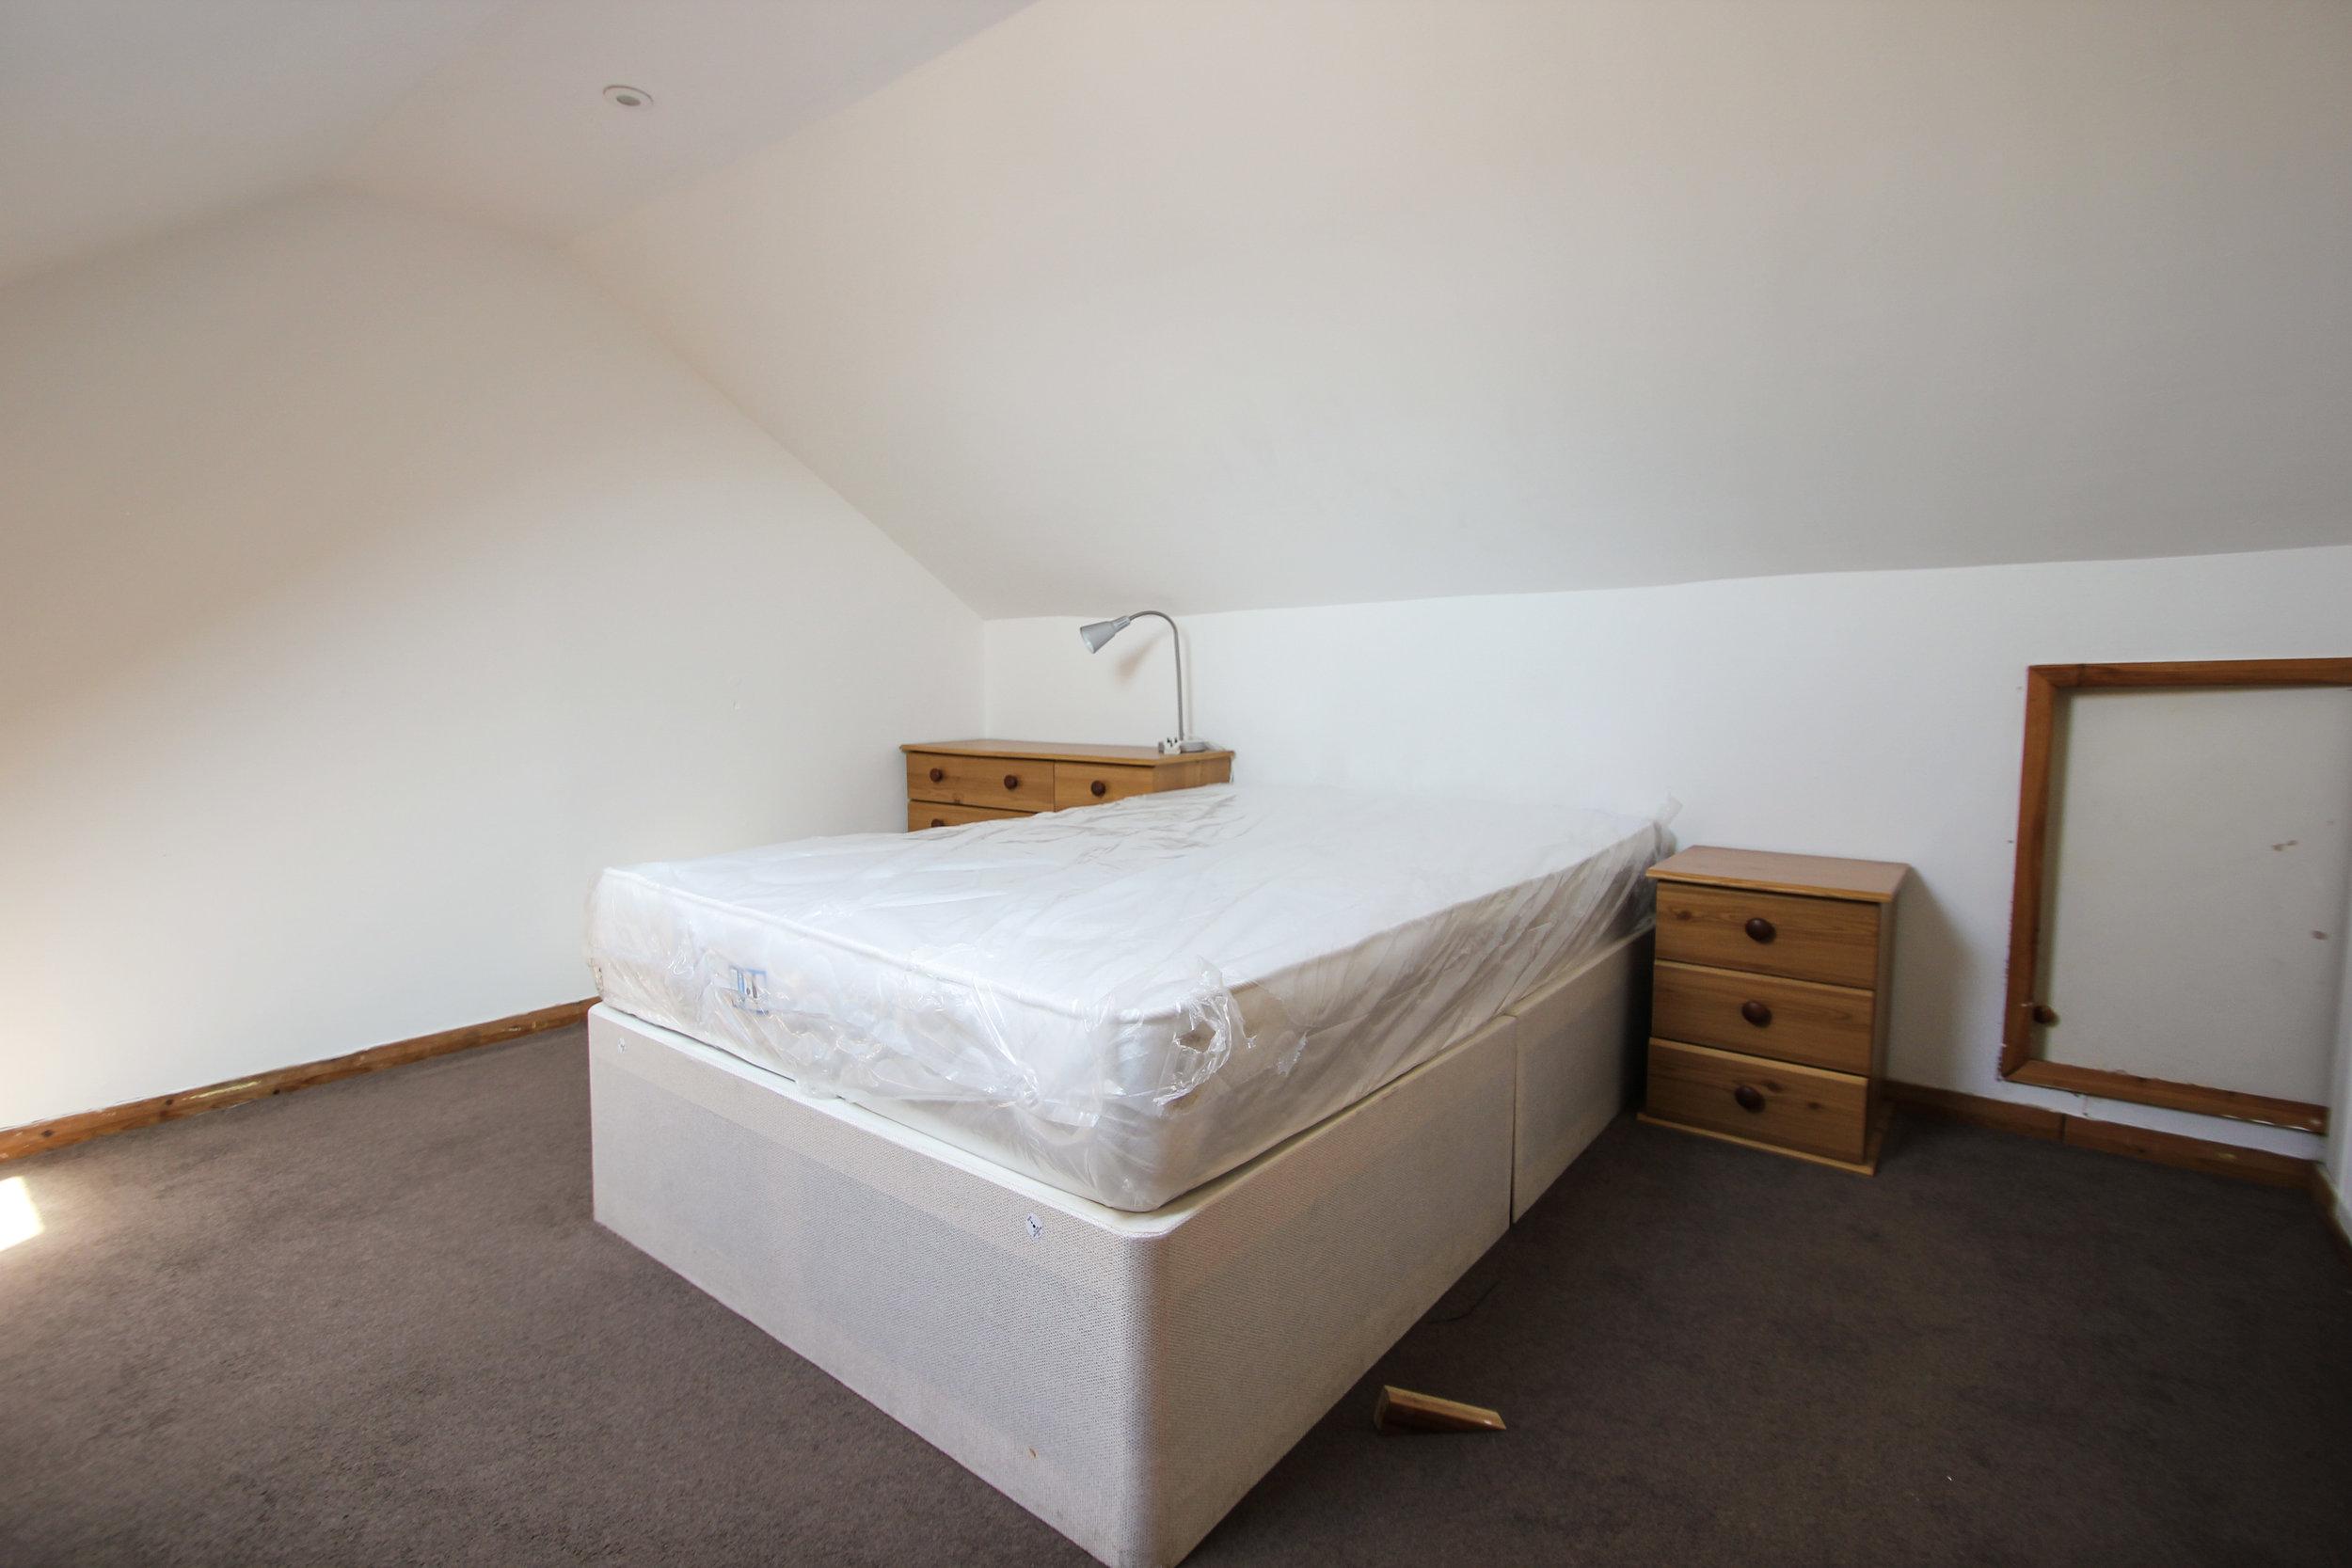 IMG_7706_edited.jpg bedroom 1.jpg